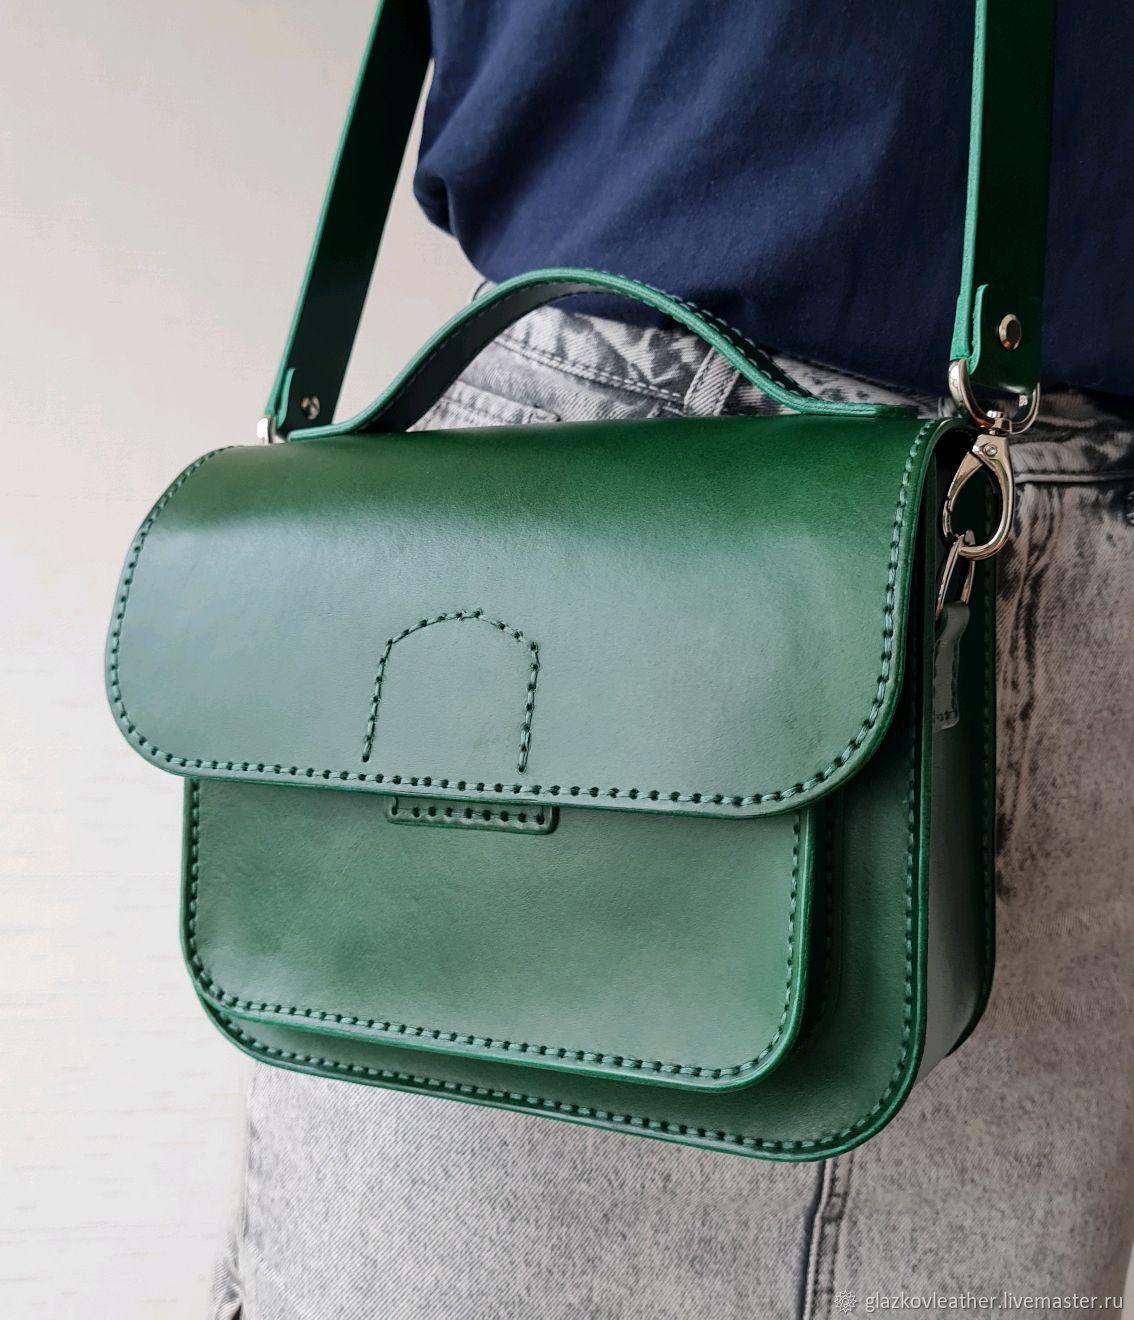 Сумка женская зеленая из натуральной итальянской кожи ручной работы, Классическая сумка, Иваново,  Фото №1